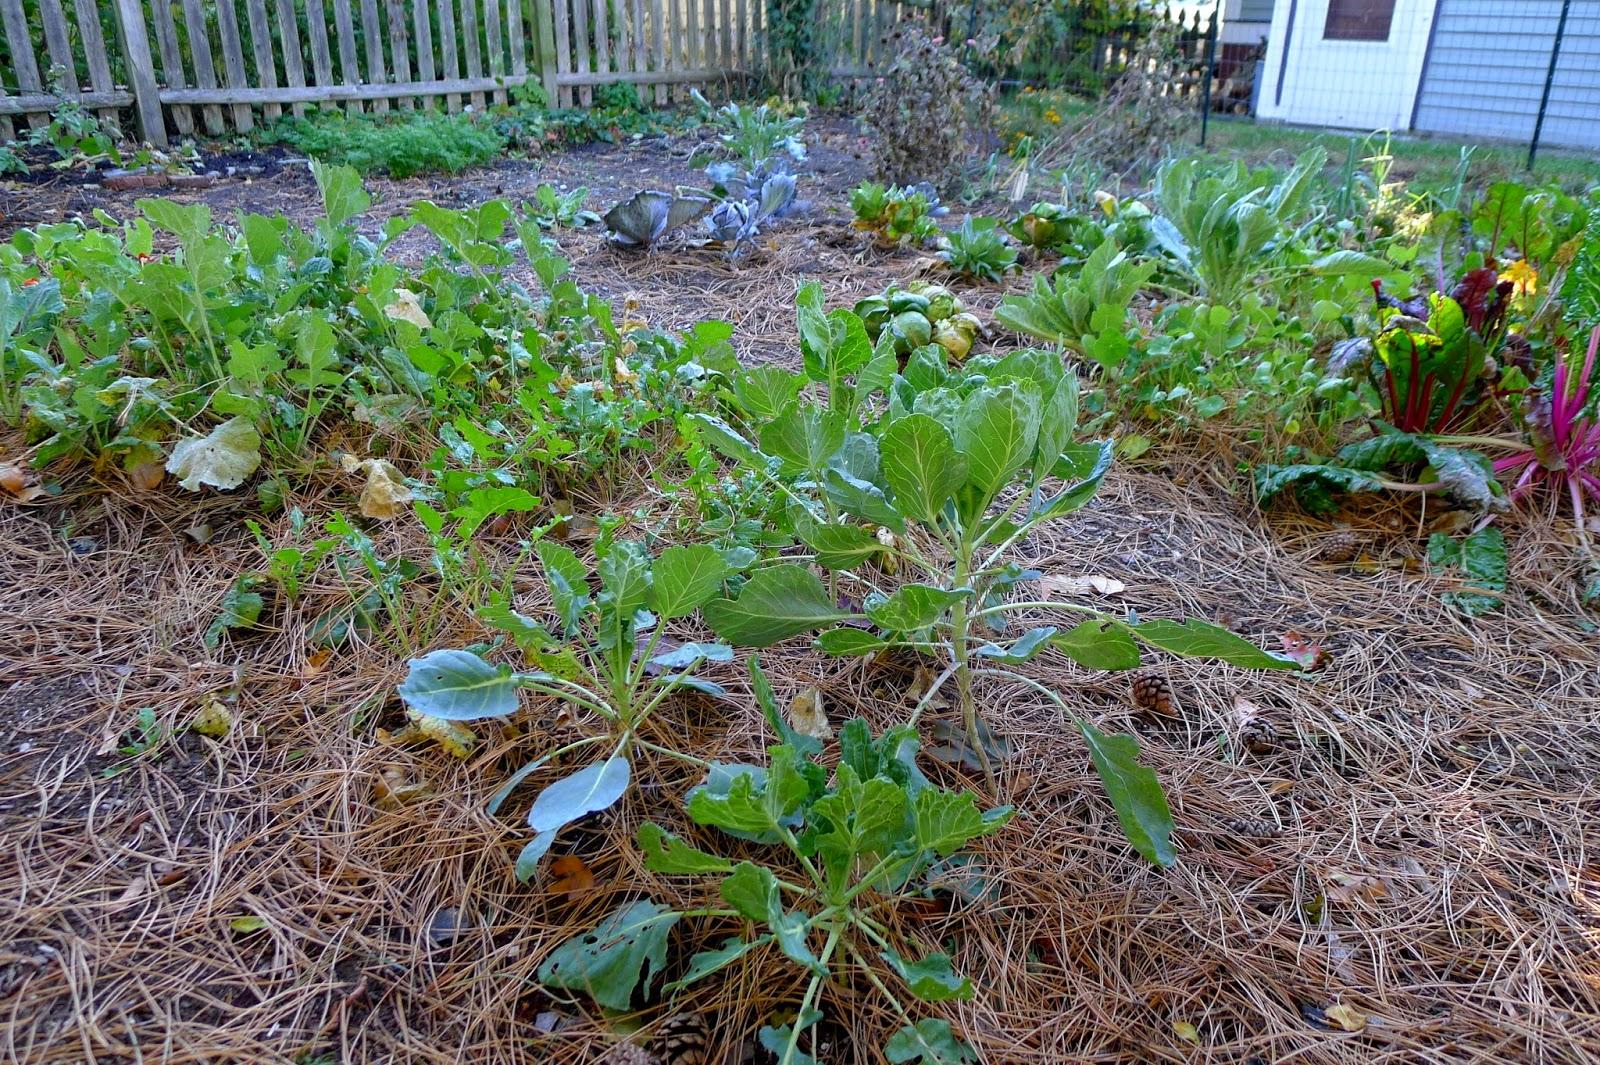 Less Noise, More Green, back yard garden November 2014